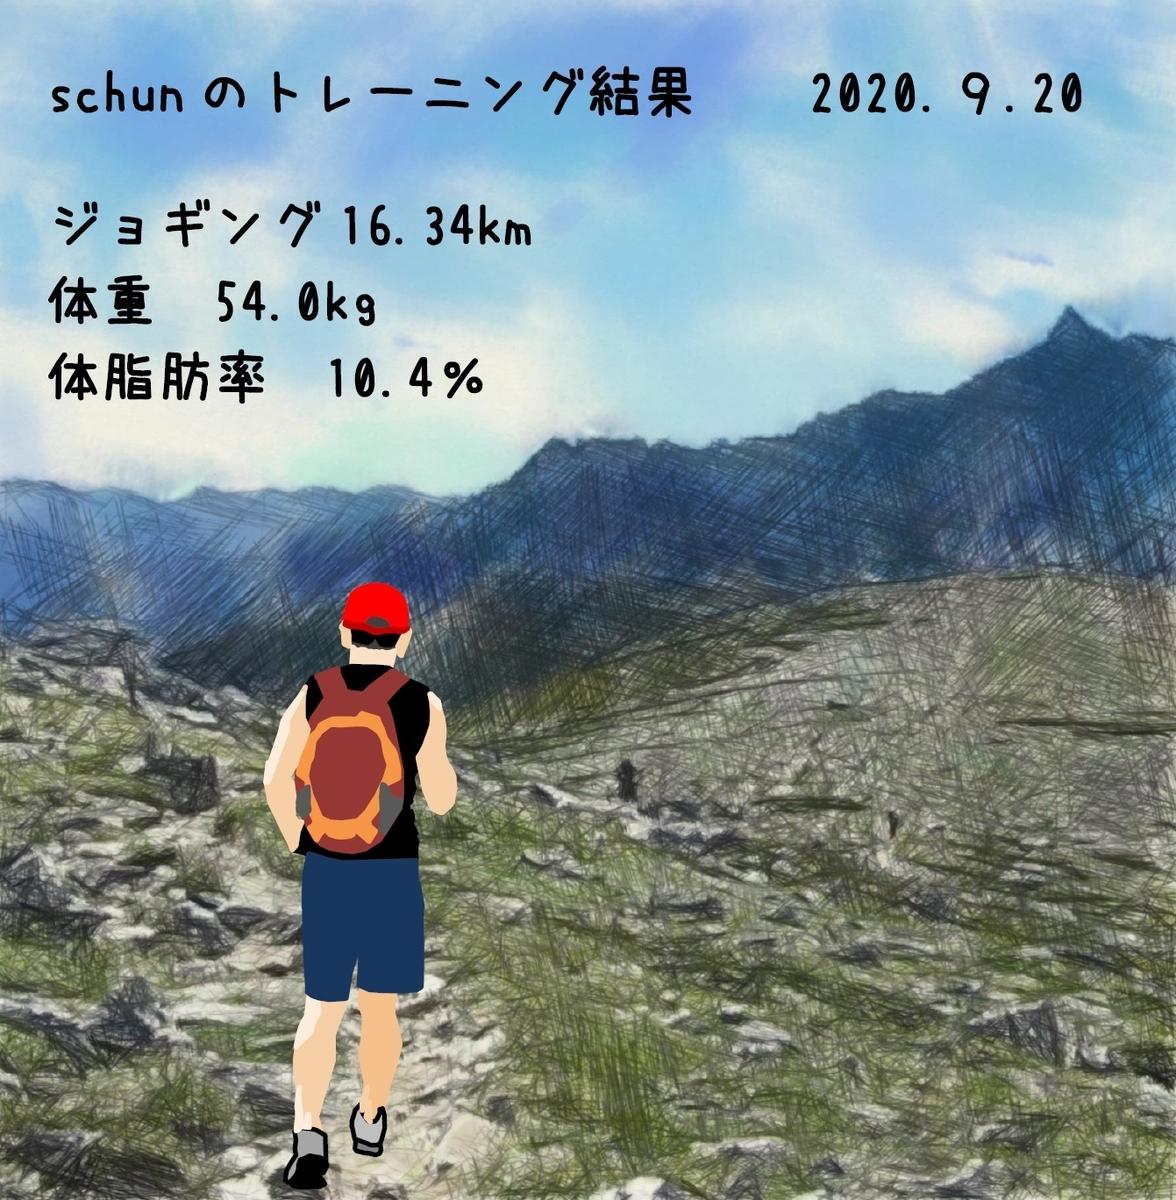 f:id:schunchi2007:20210919210816j:plain